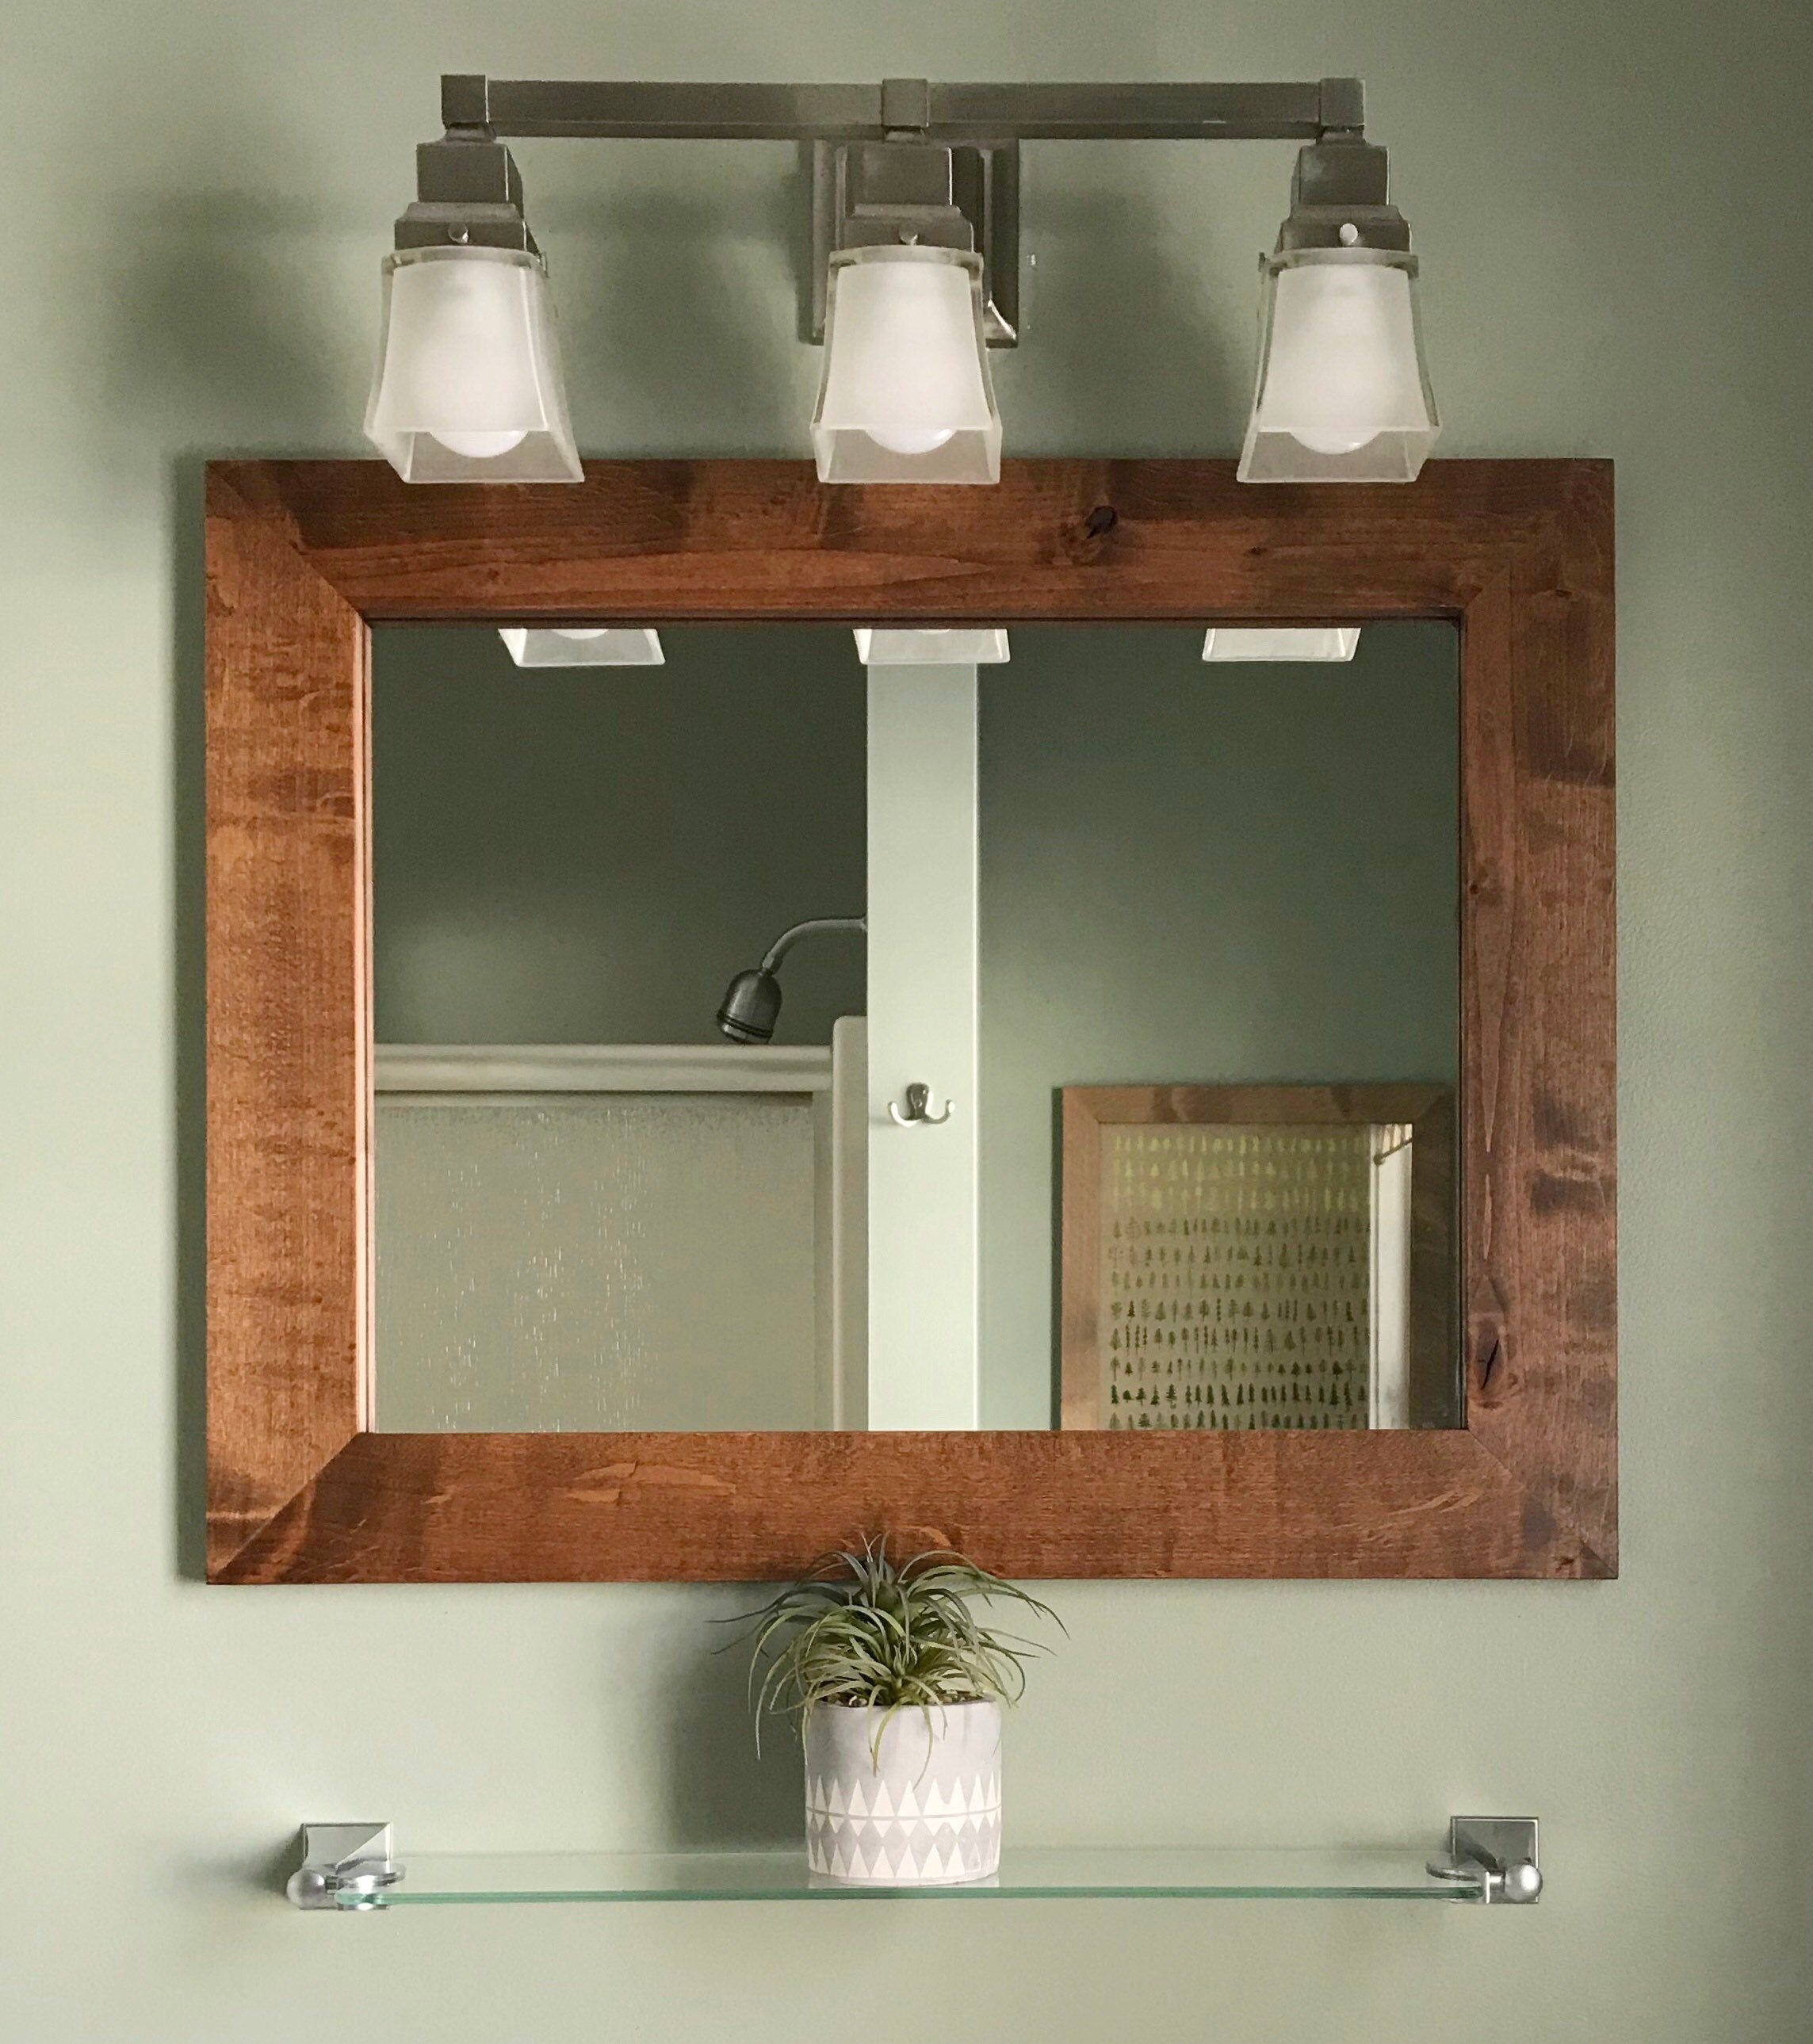 Vanity Mirror Contemporary Rustic Vanity Mirror Wooden Etsy In 2020 Rustic Vanity Diy Bathroom Decor Bathroom Mirror Frame